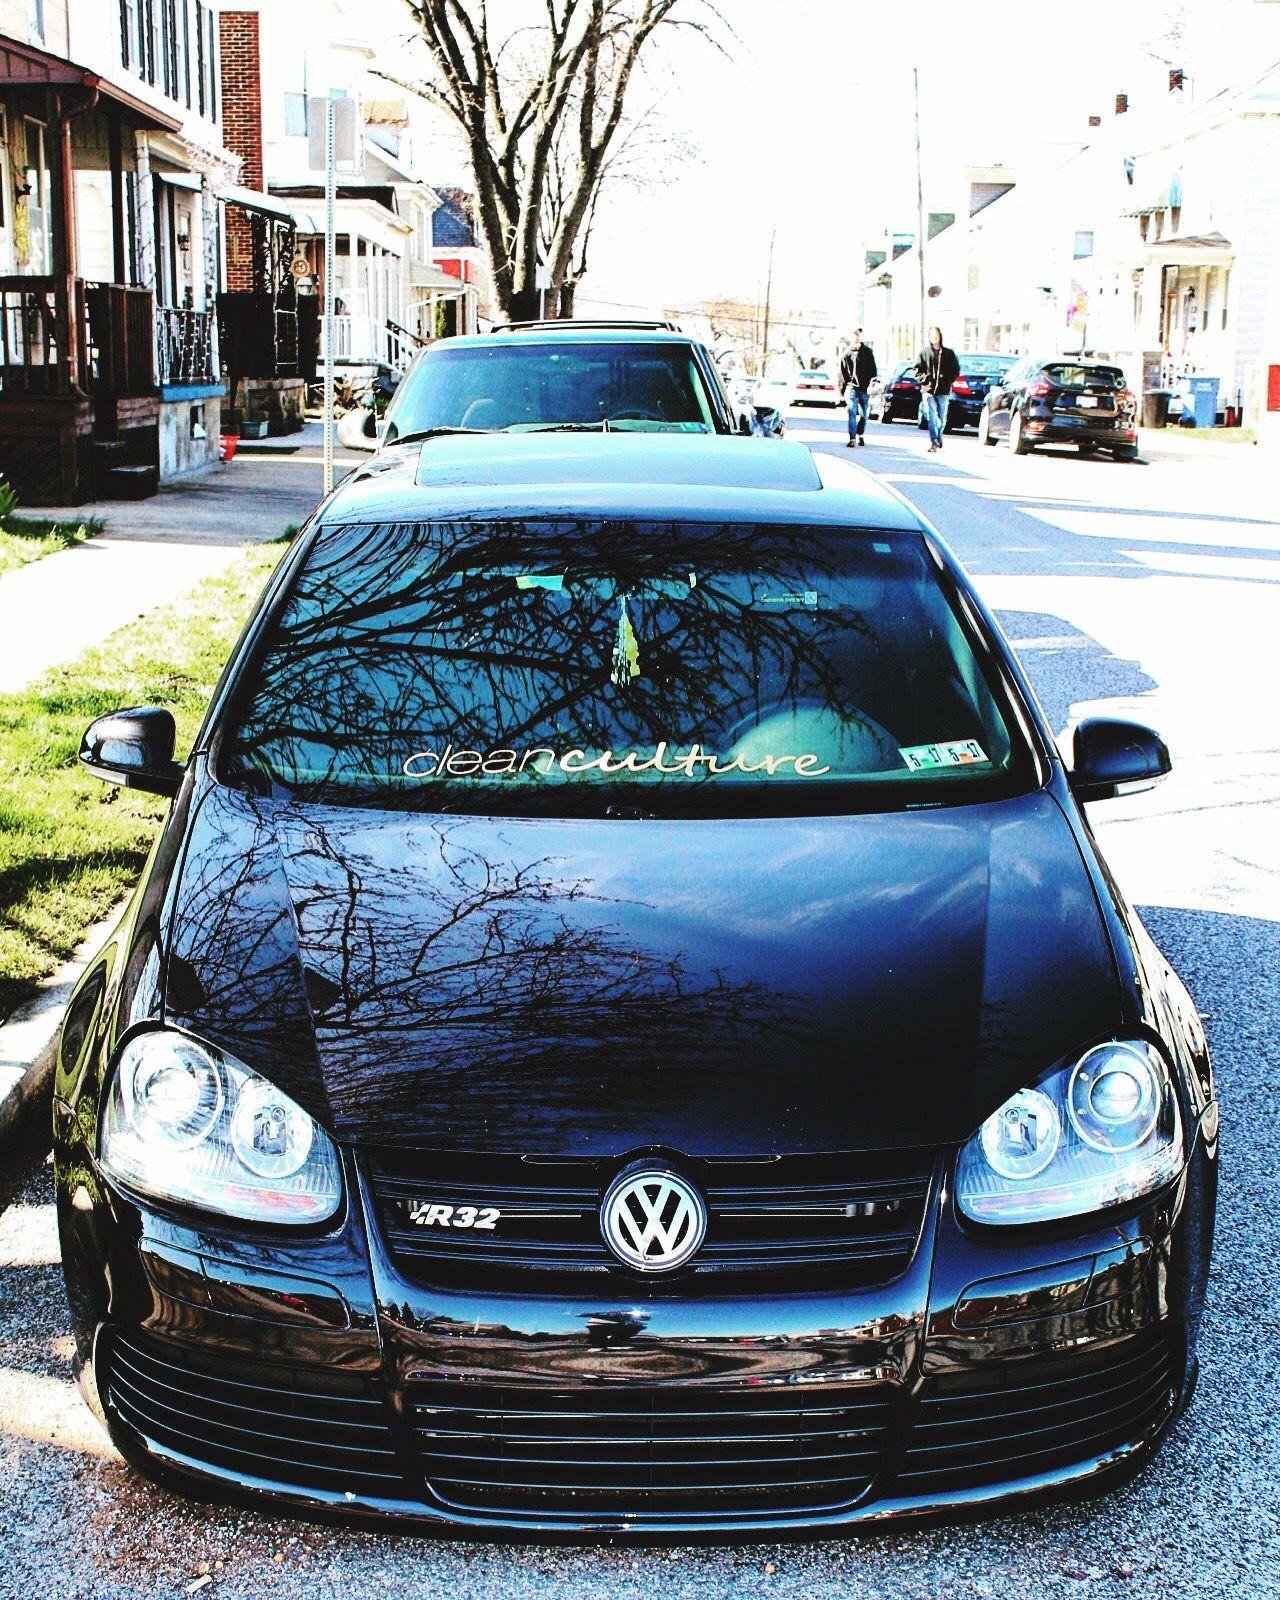 Too clean 👌🏽 VW GTI Clean